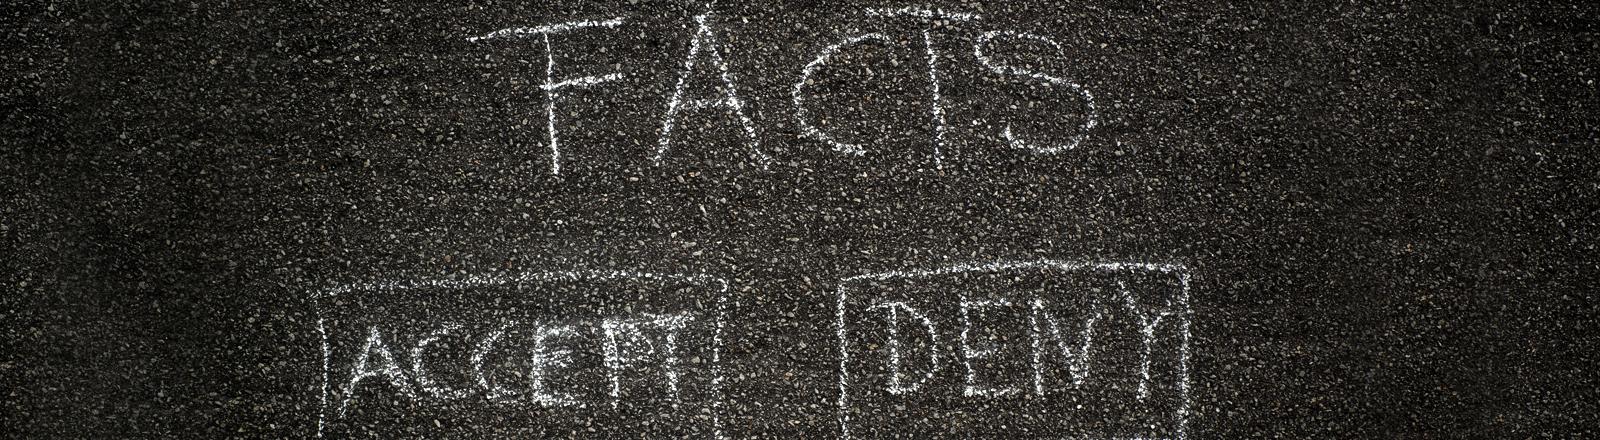 Mit Kreide steht auf Asphalt: Fakten, akzeptieren, ablehnen